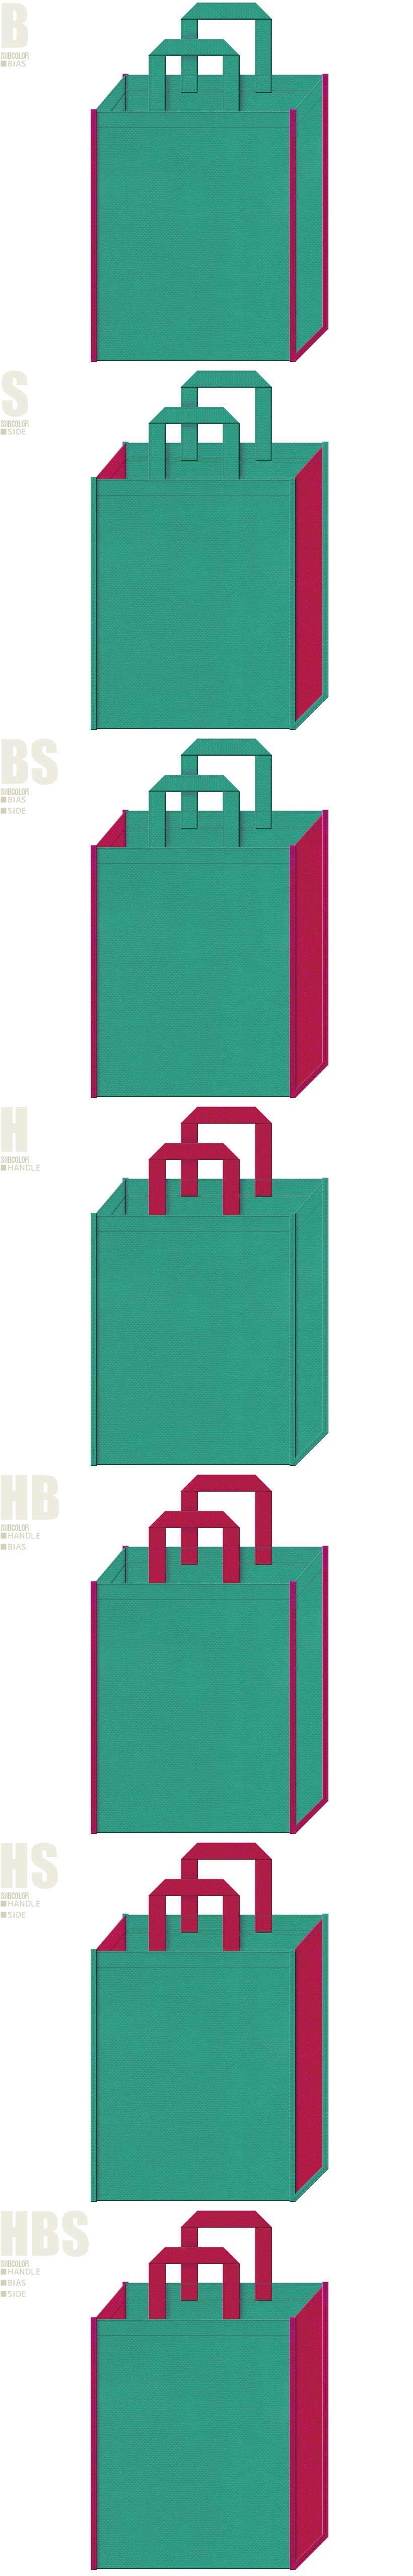 南国・トロピカル・カクテル・リゾート・海外旅行・トラベルバッグにお奨めの不織布バッグデザイン:青緑色と濃いピンク色の配色7パターン